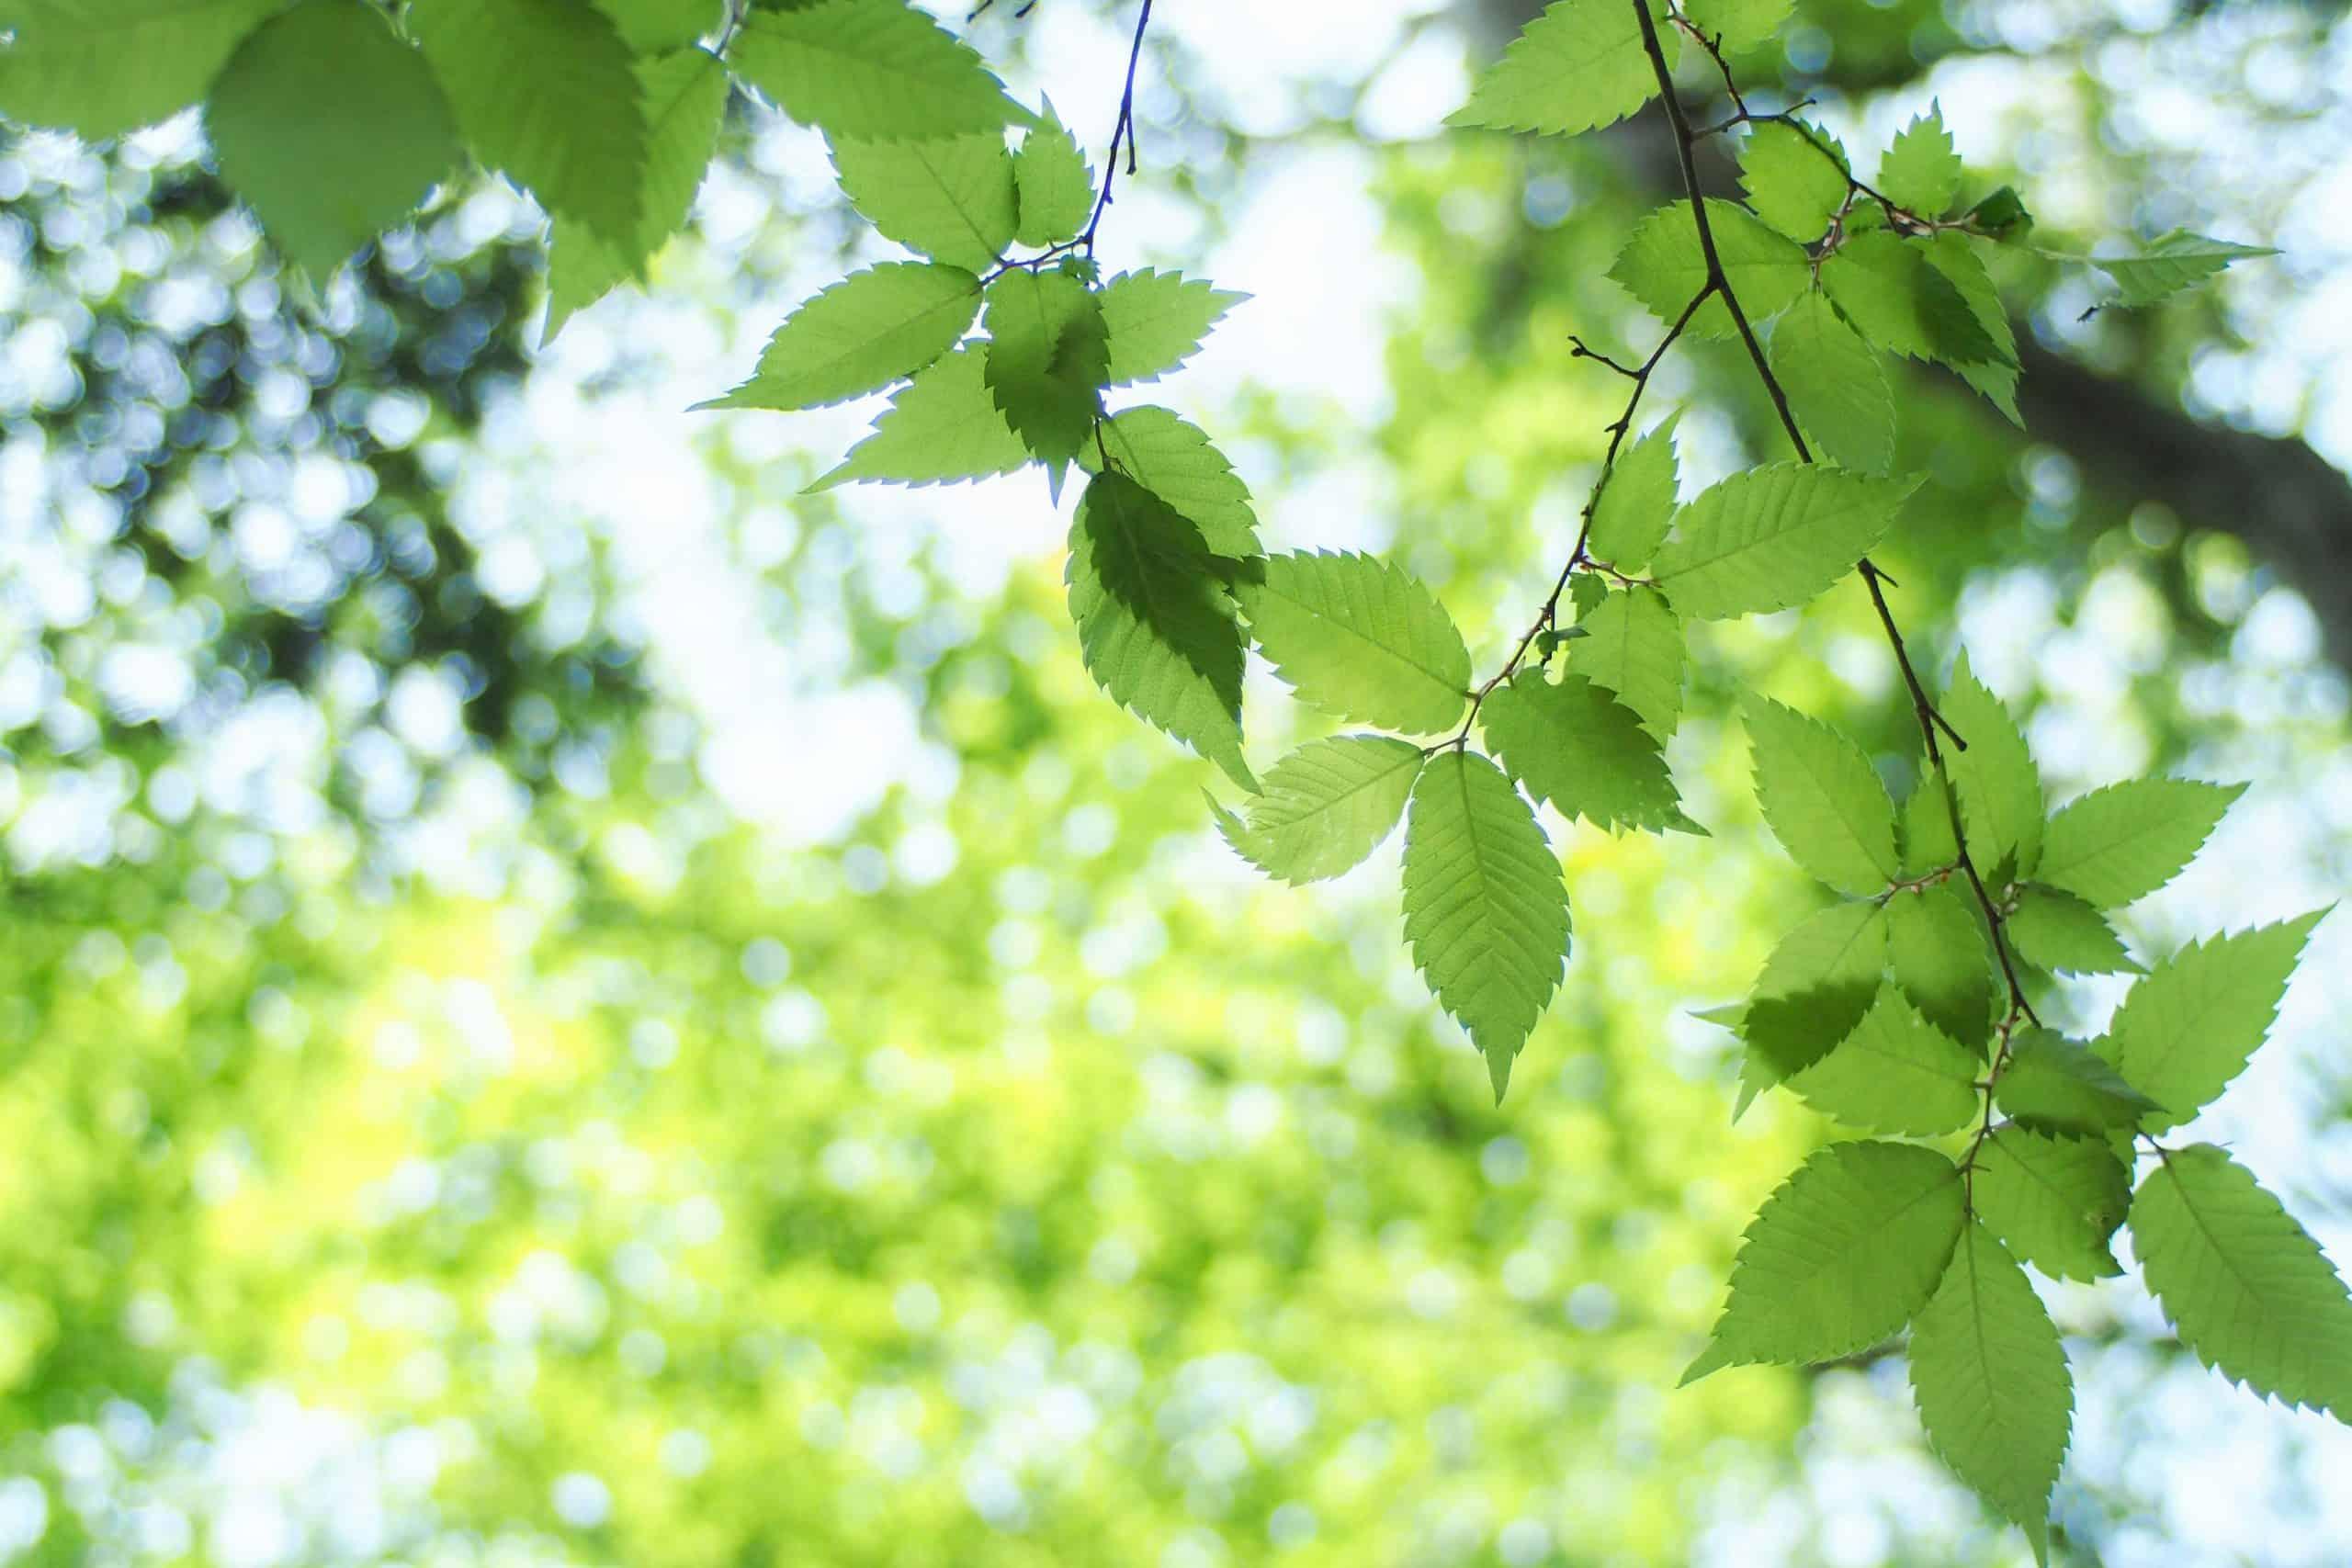 Blätterdach mit frischem grünem Laub